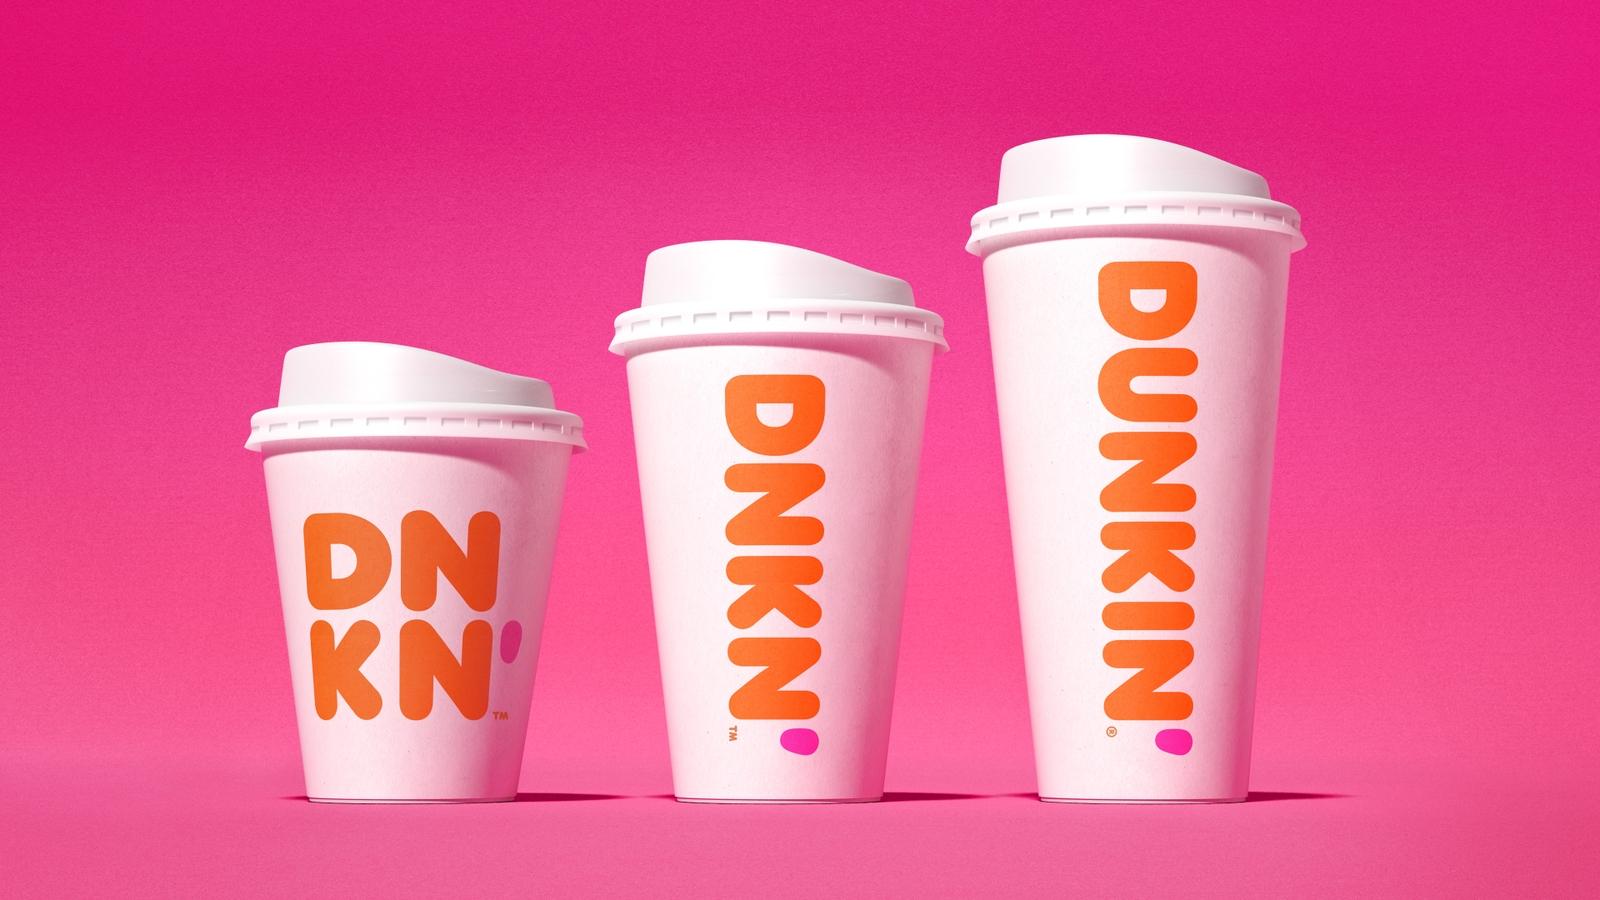 Latte vs. Cappuccino vs. Macchiato vs Americano: What's the Difference?